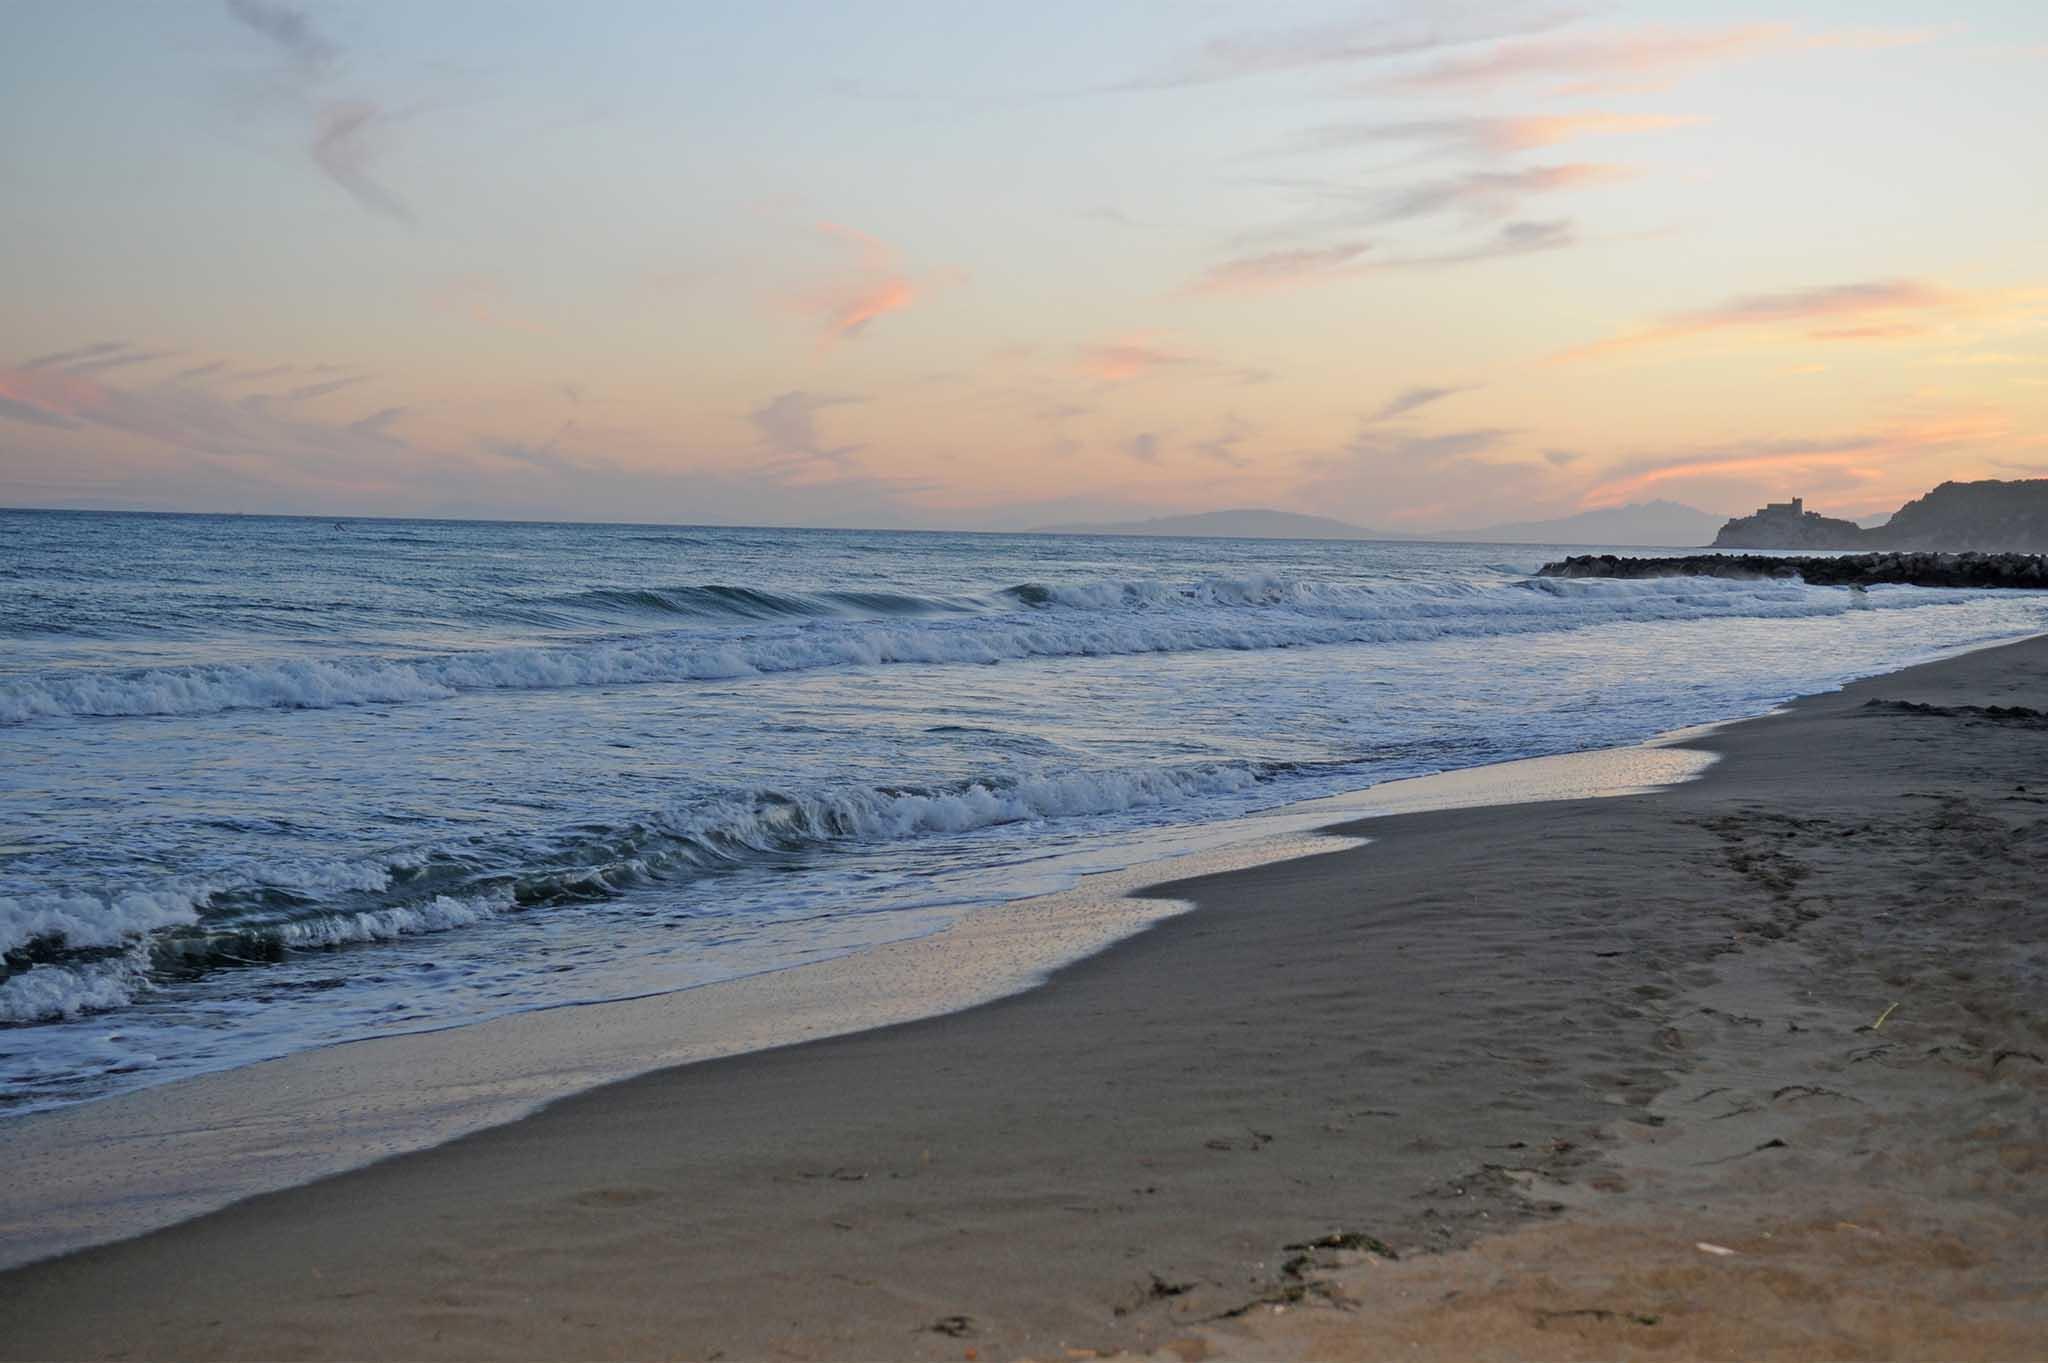 Case e ville sul mare in vendita a Punta Ala | Sotheby's Realty - sothebys.photo 1